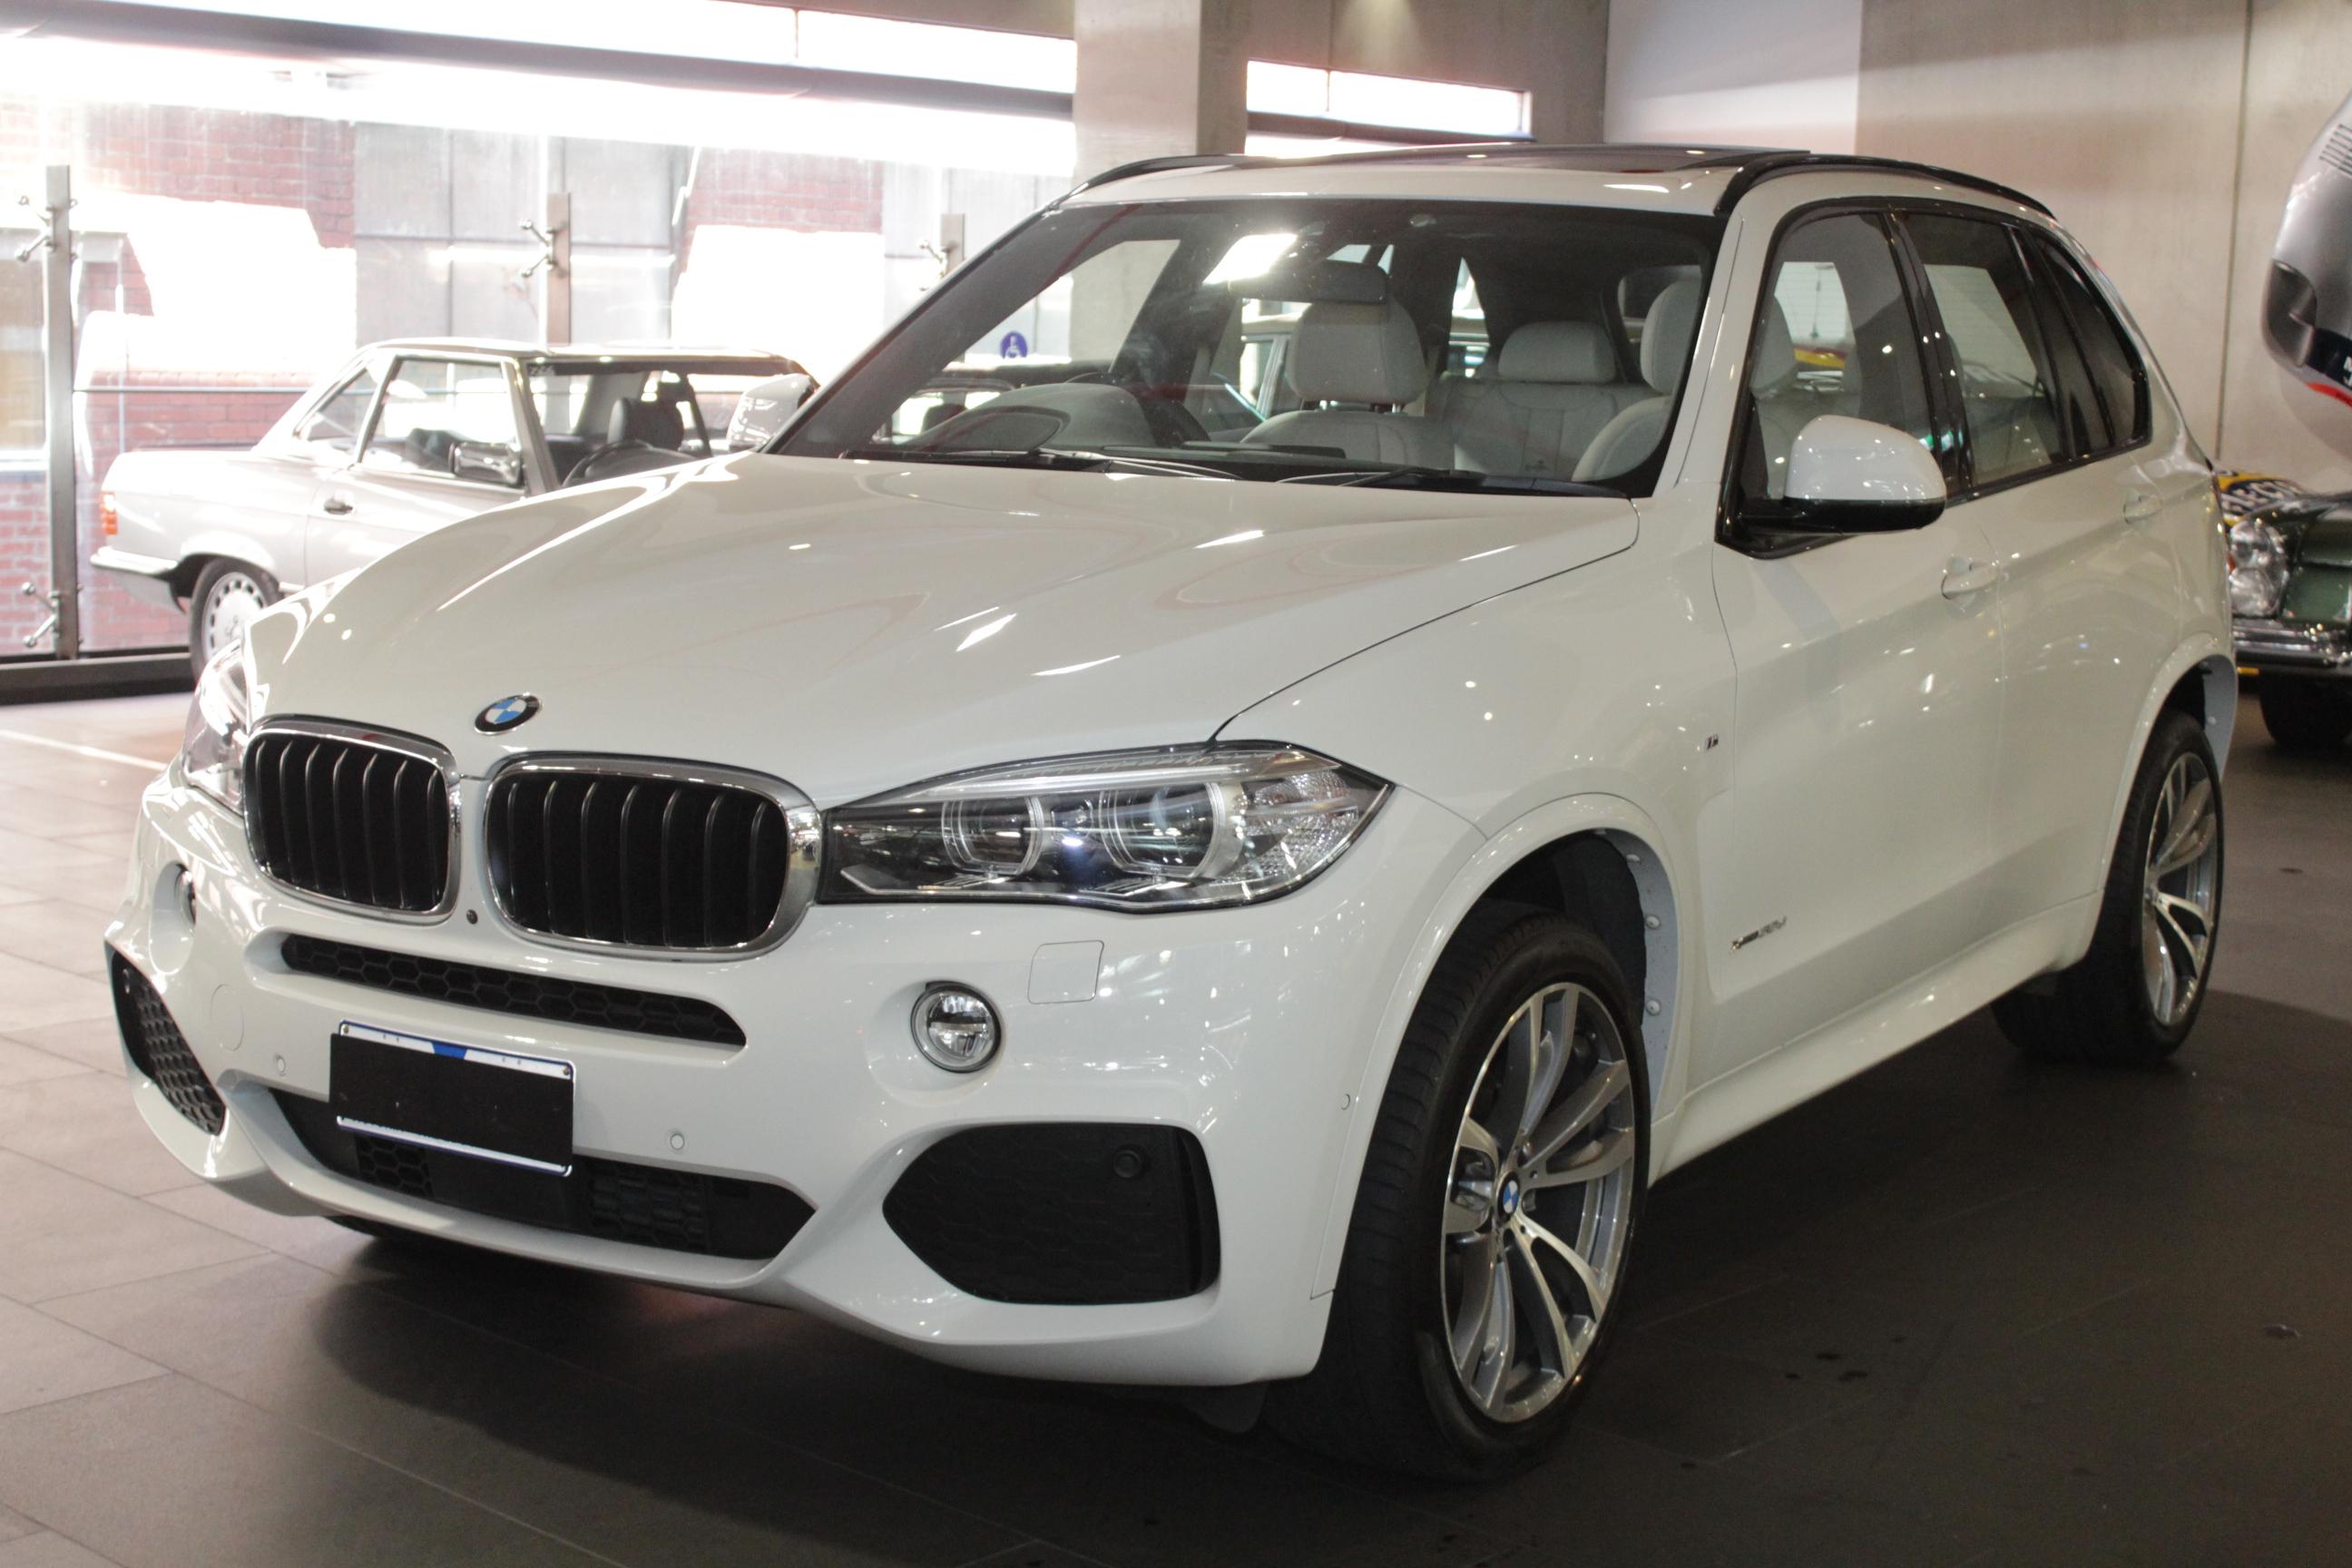 2016 BMW X5 F15 xDrive30d Wagon 5dr Spts Auto 8sp 4x4 3 ...